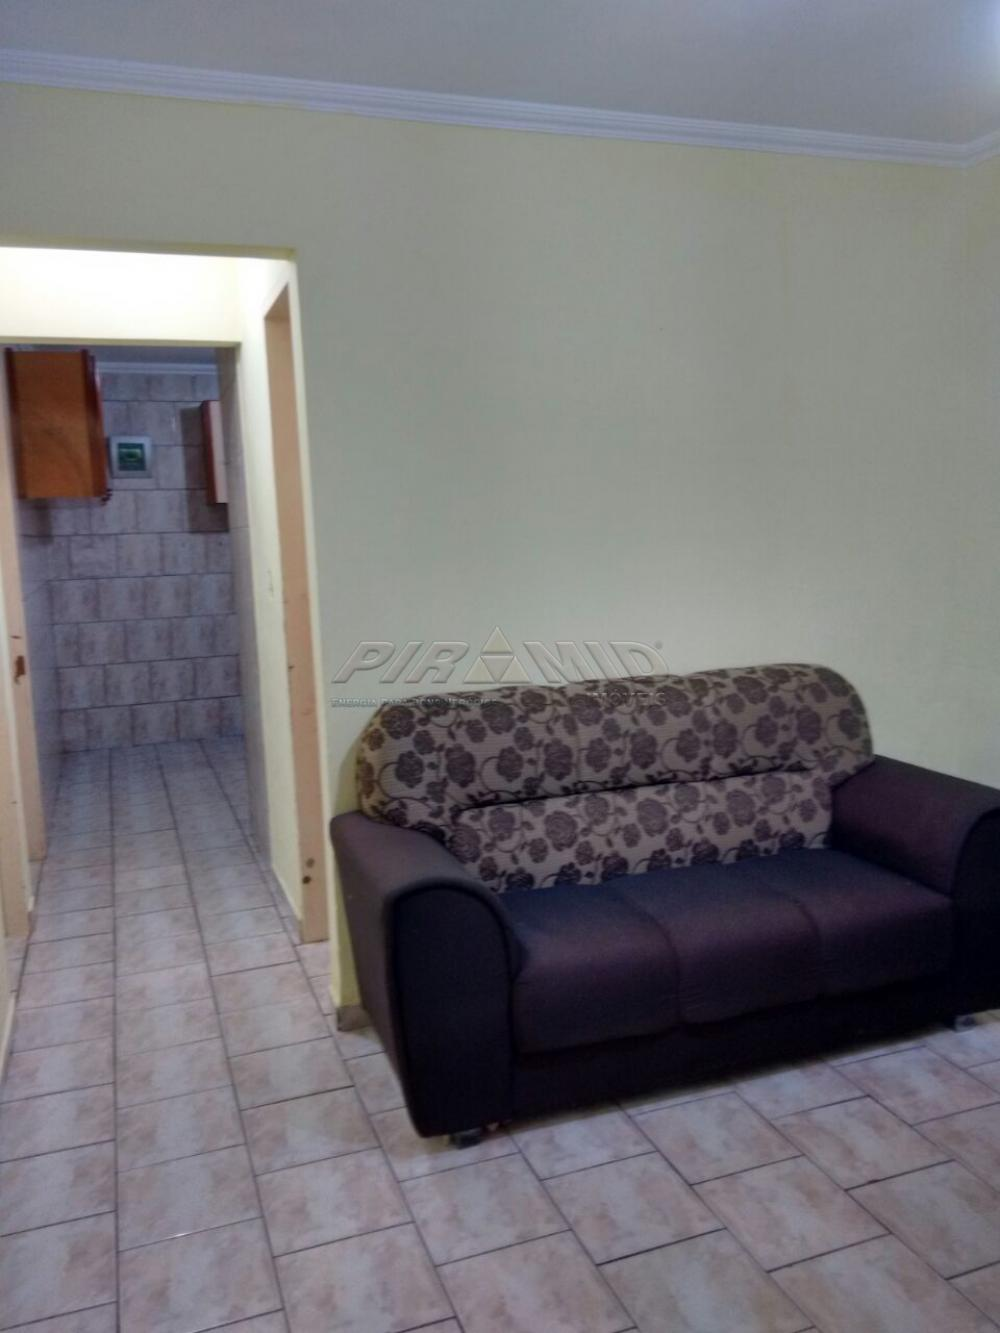 Comprar Casa / Padrão em Ribeirão Preto apenas R$ 210.000,00 - Foto 3